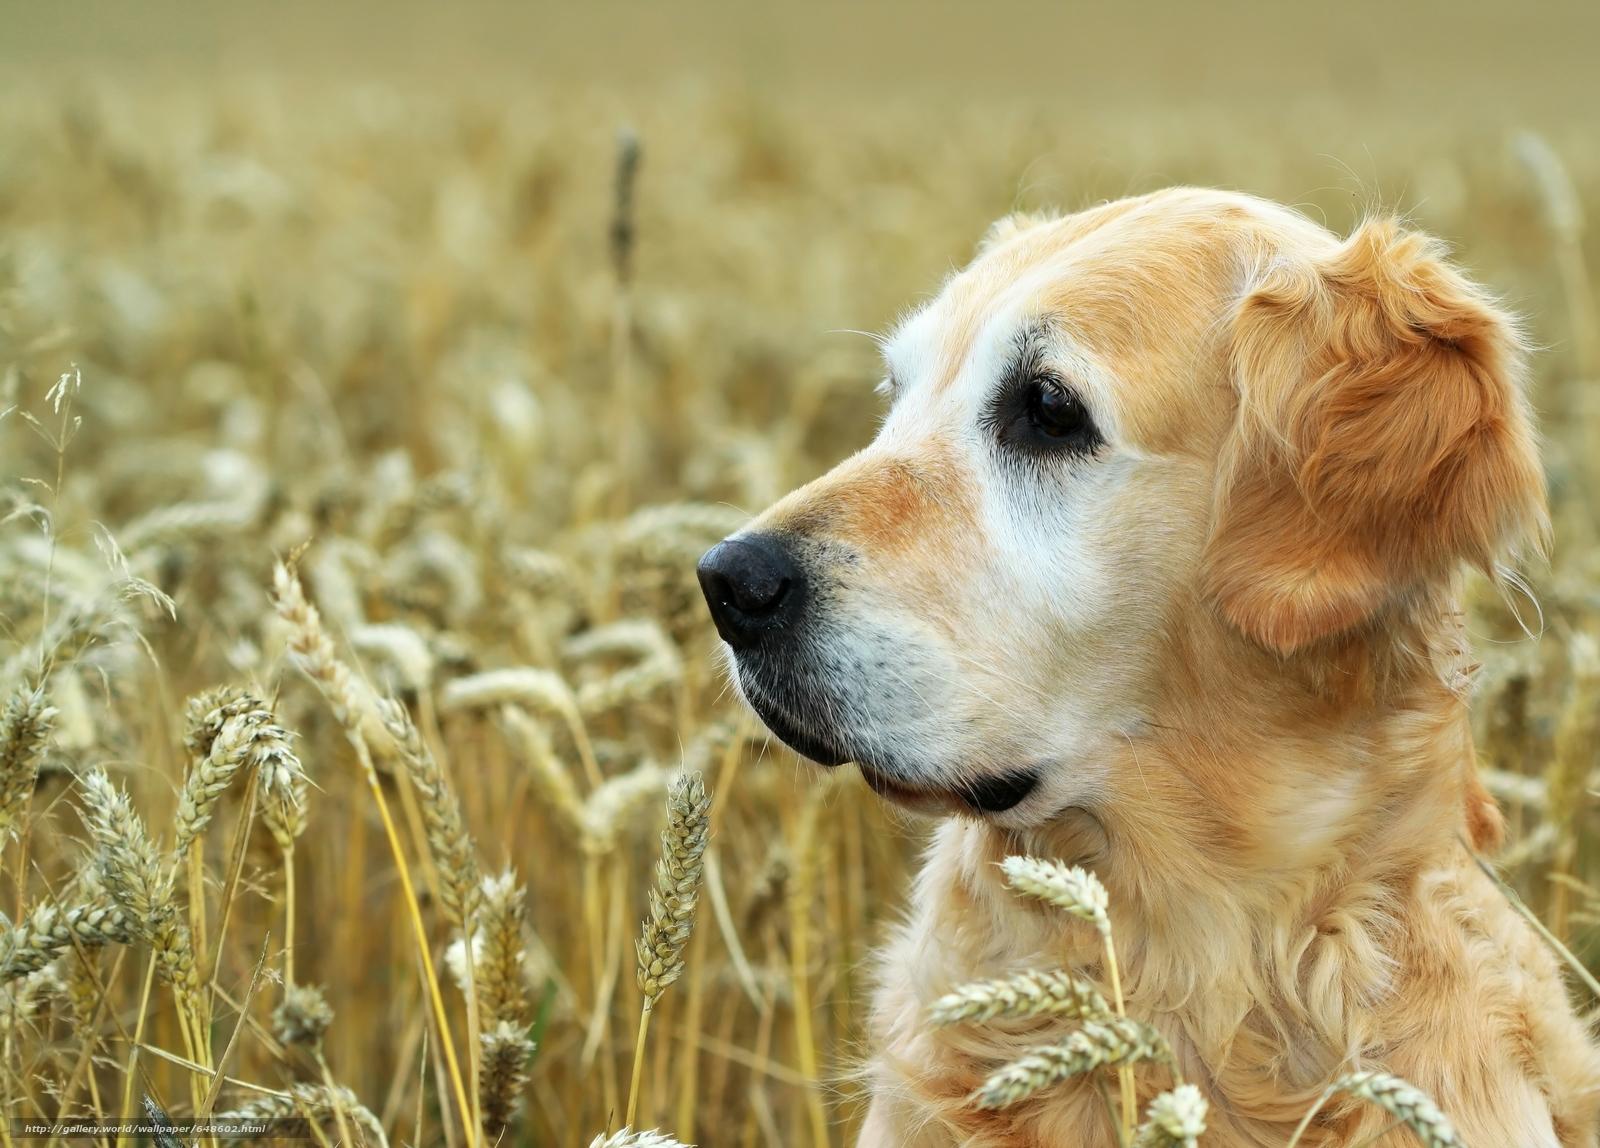 Скачать обои собаки,  собака,  животные,  пёс бесплатно для рабочего стола в разрешении 7226x5184 — картинка №648602